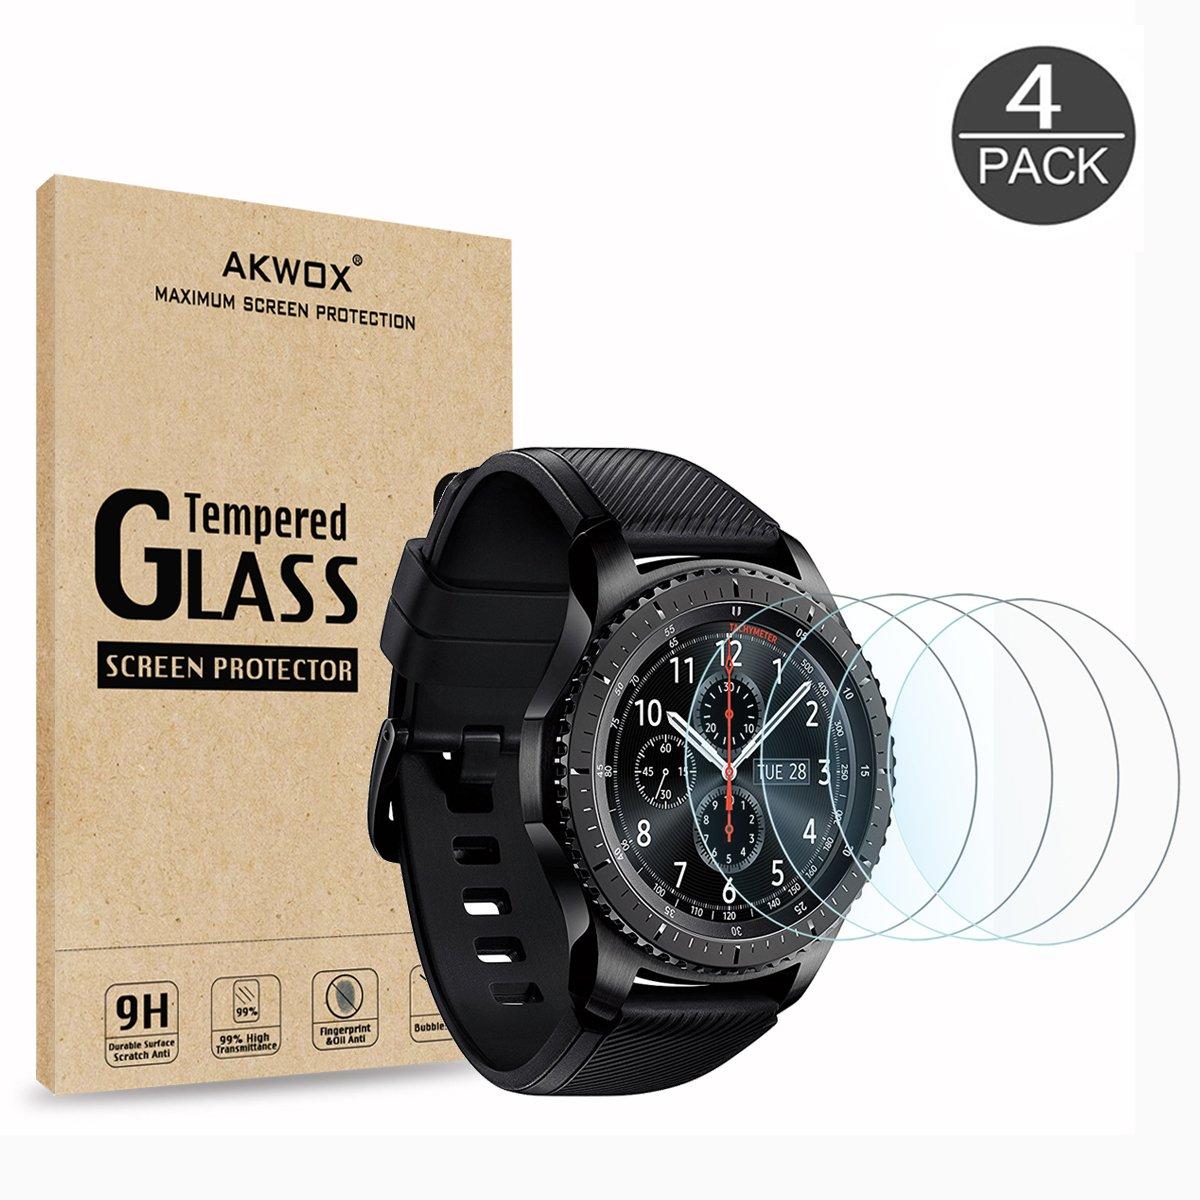 Vidrio Templado Para Smartwatch Con Pantalla De 33mm De Diametro Samsung Gear S3 Frontier L5 Microwear [4 Unidades]